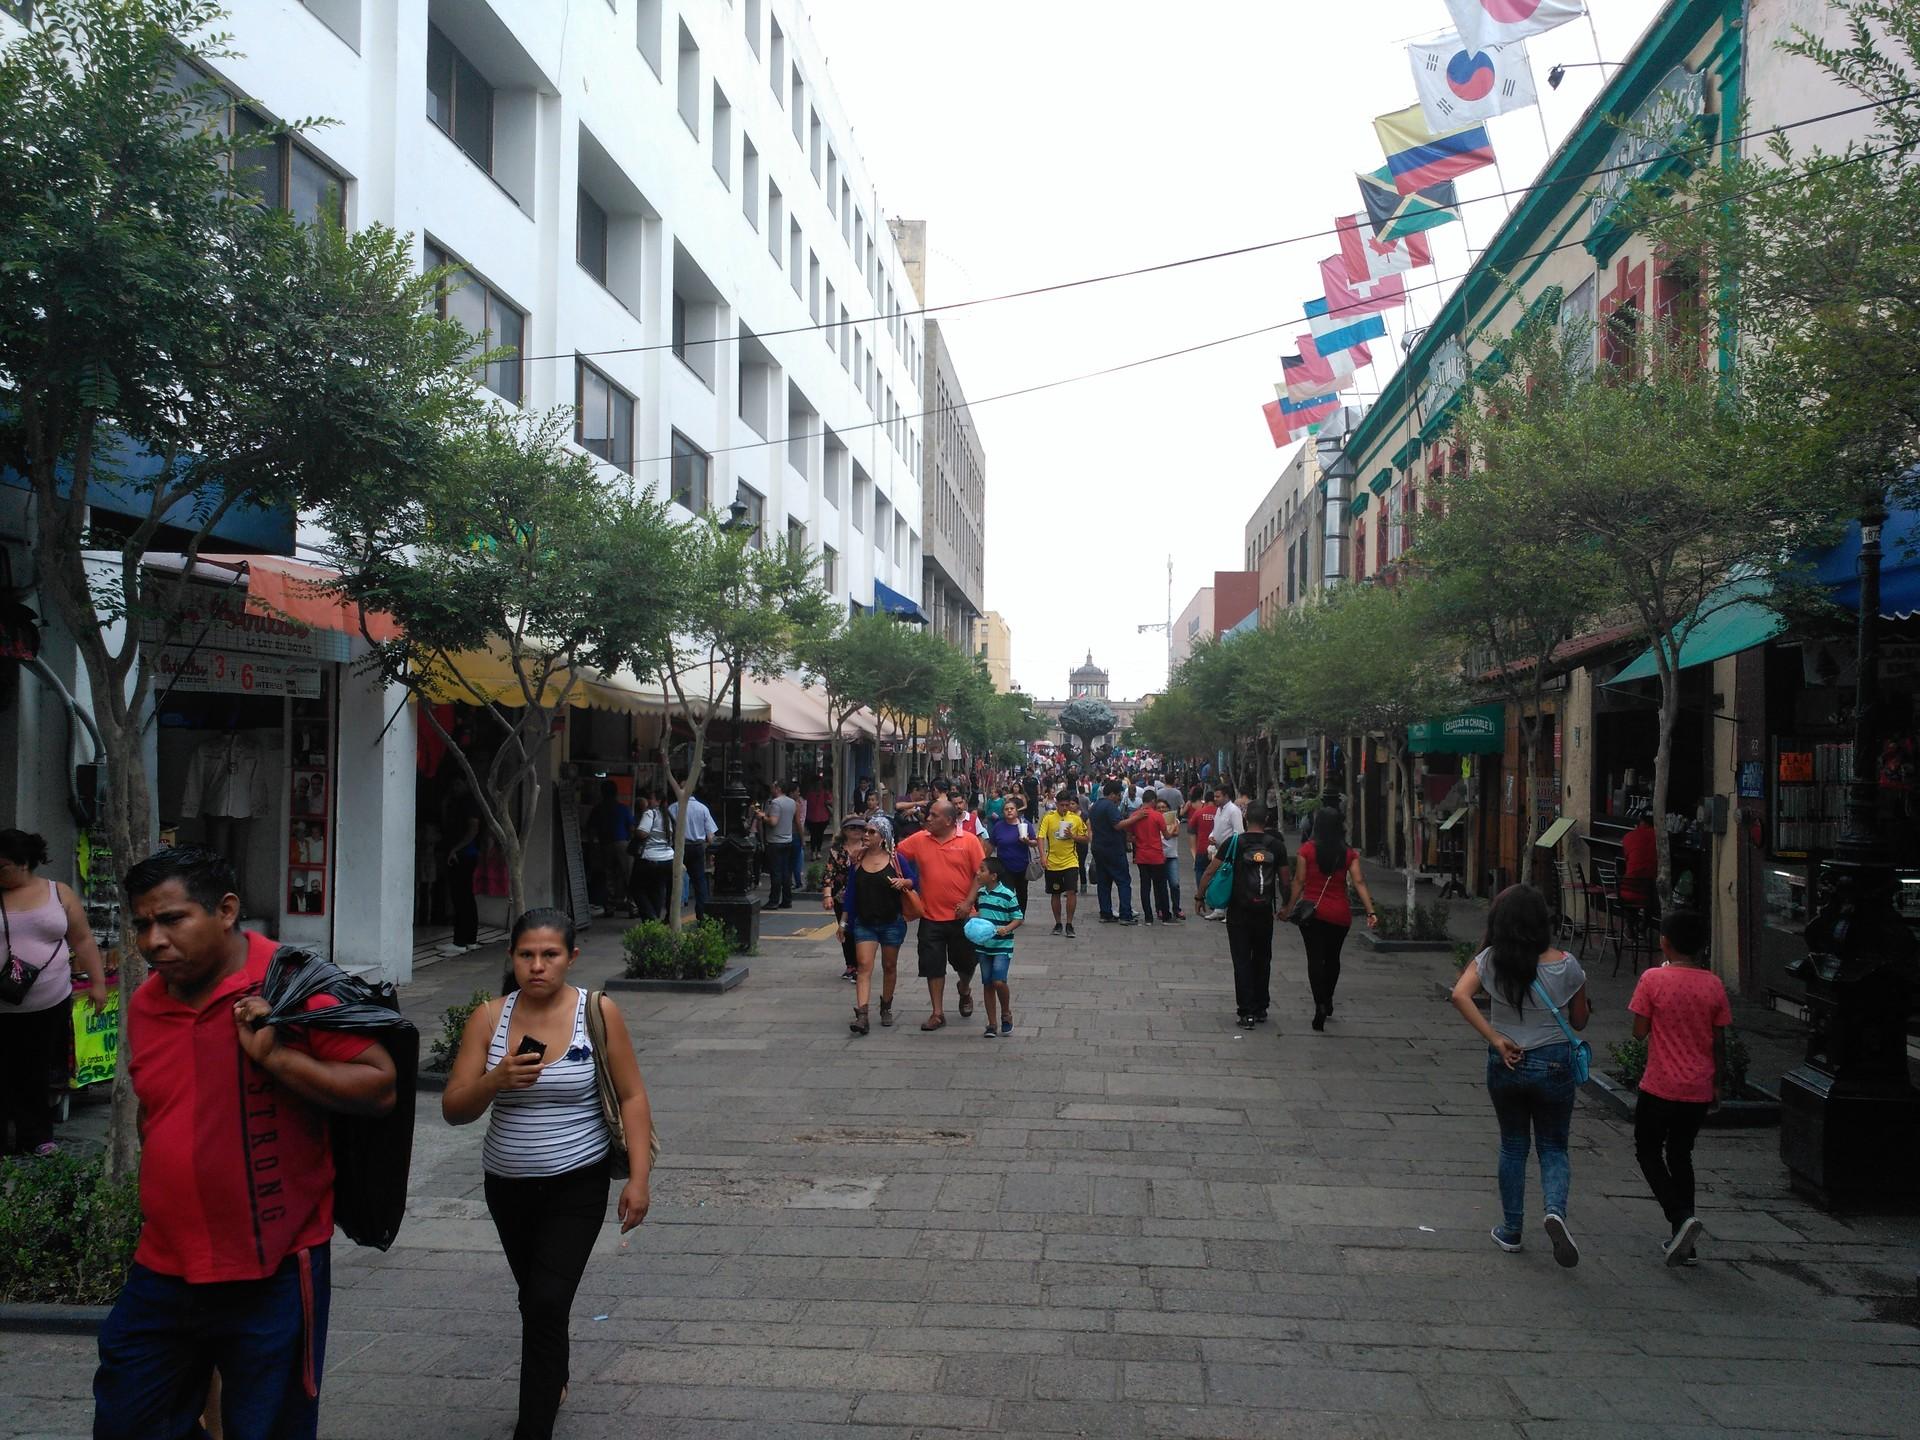 Guadalajara - Mercado San Juan de Dios  | General